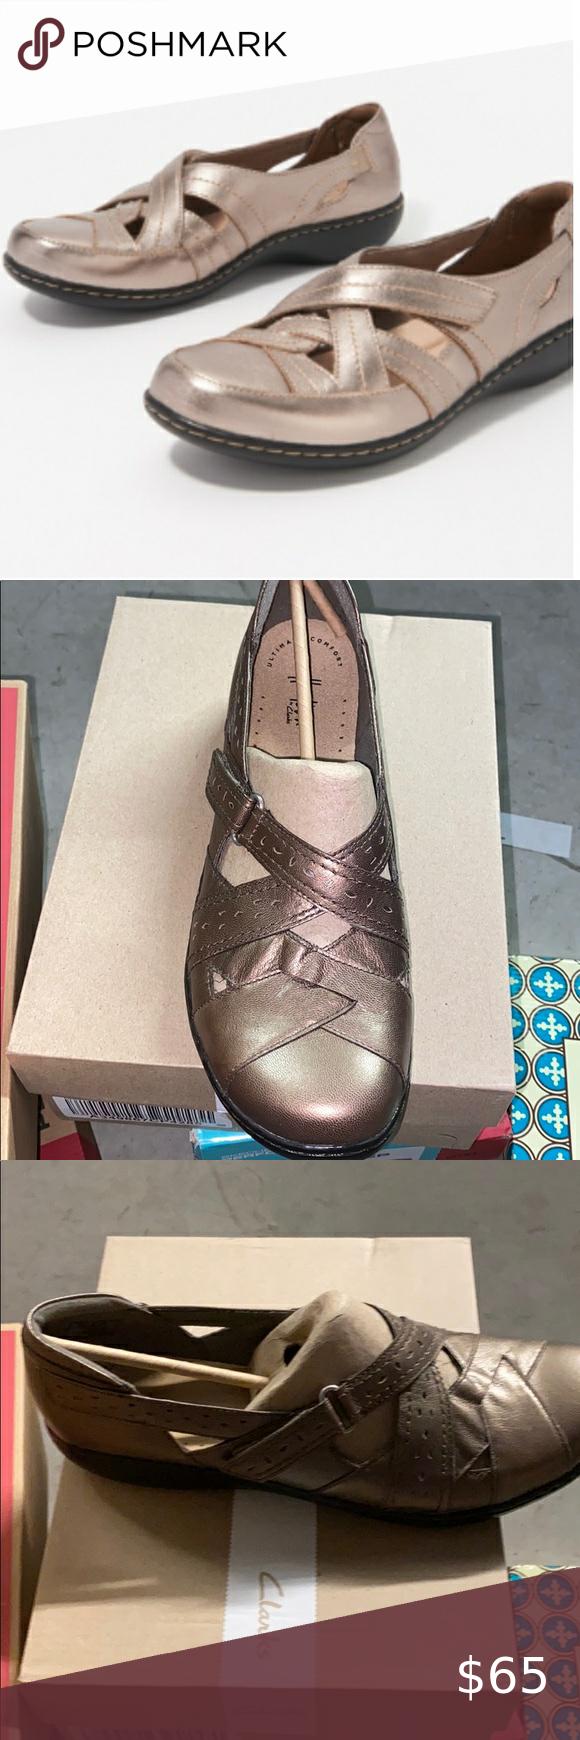 New Clarks Leather Slip-Ons - Ashland